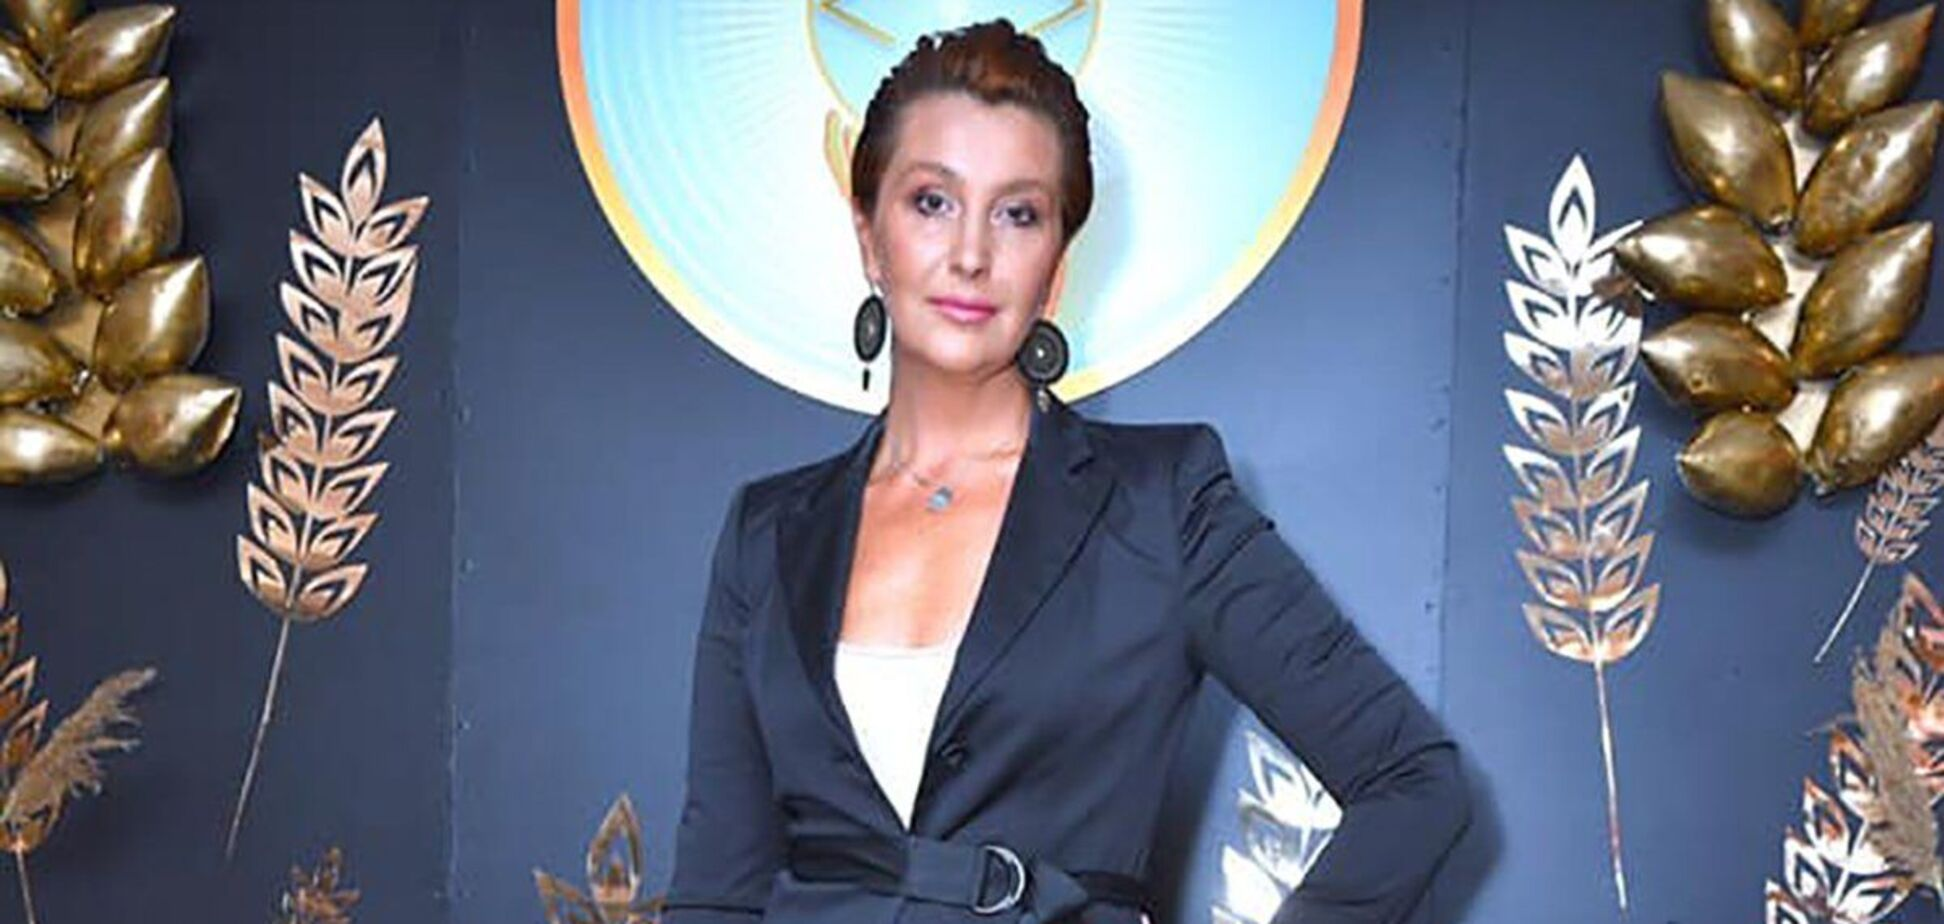 Єгорова написала 'некролог' для України